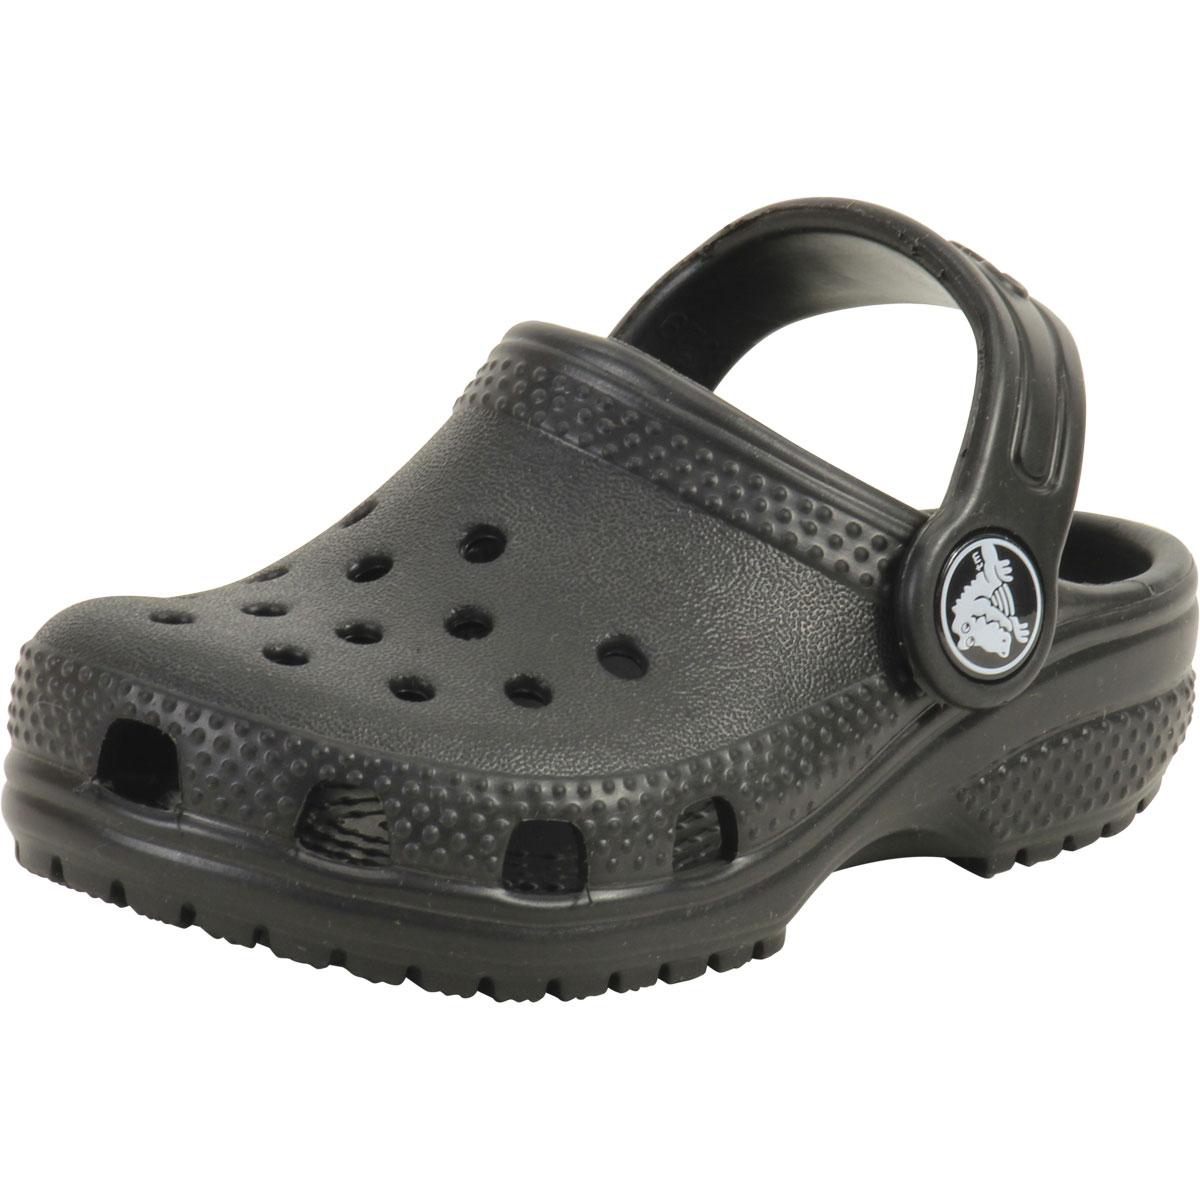 9d5329658e0d60 Crocs Toddler Boy s Original Classic Black Clogs Sandals Shoes